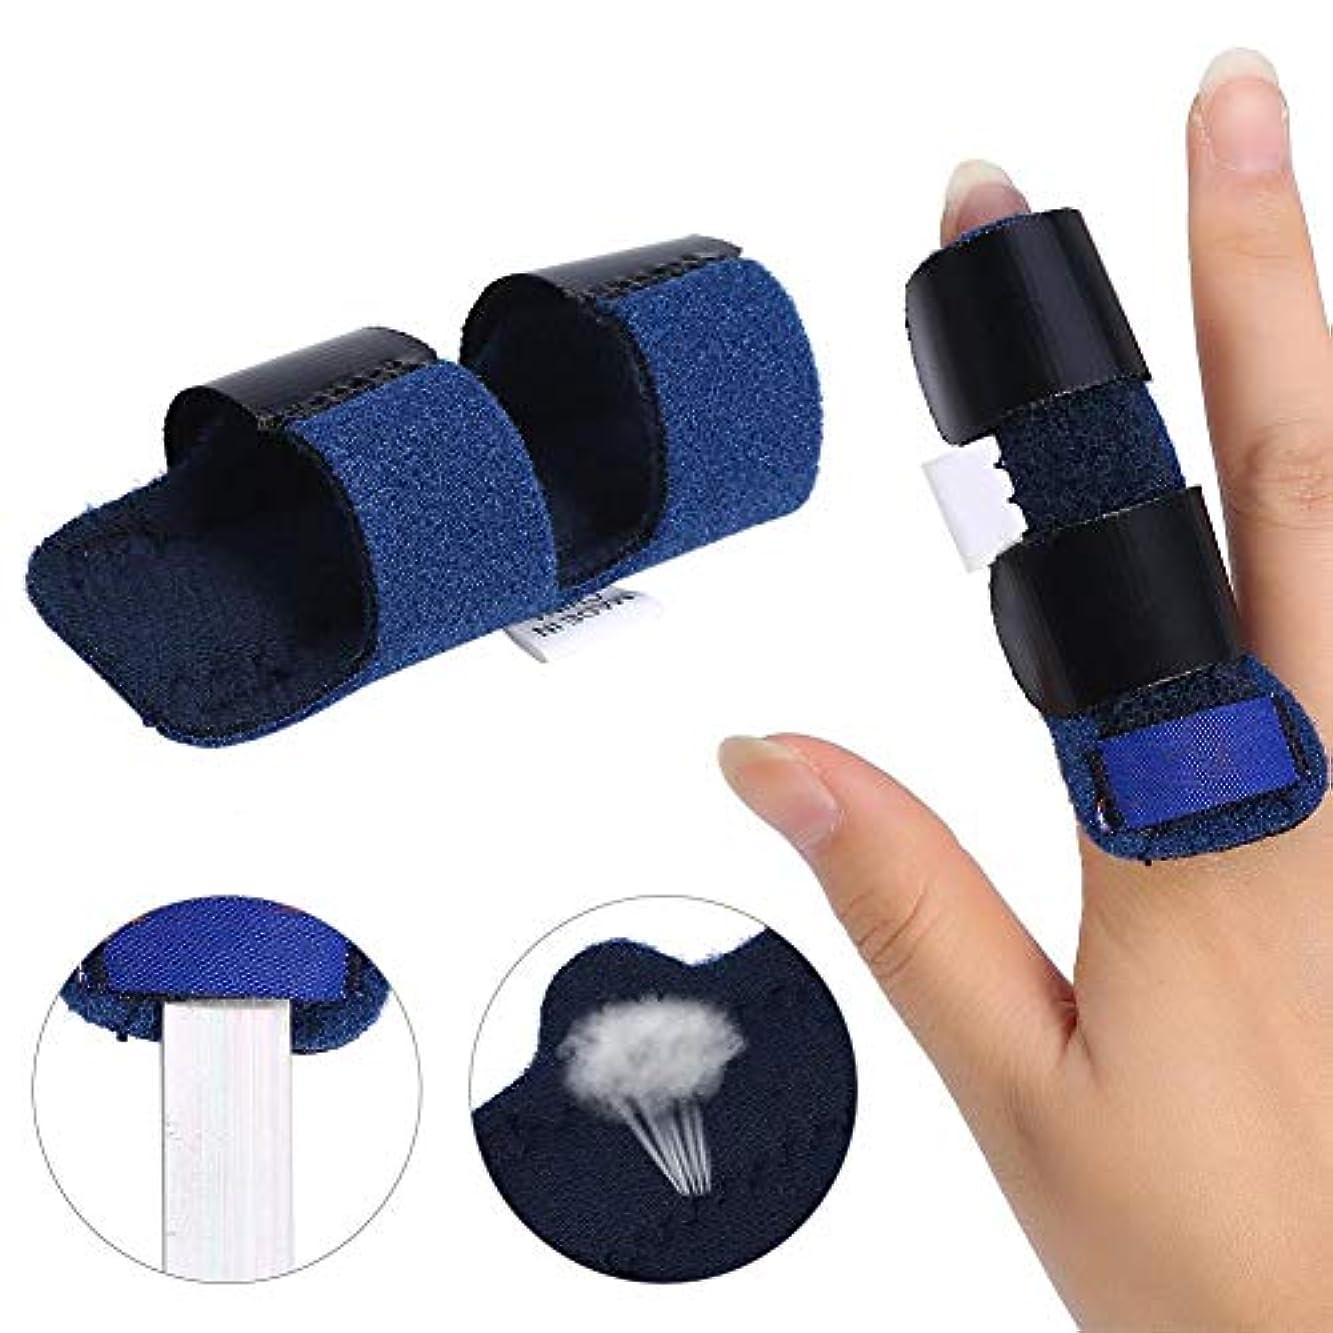 本物脇に抽出指の副木、調整可能なトリガー指の固定副木矯正ブレースコレクターサポート指のひび割れのための痛みの緩和リリースナックルと指の骨折の固定